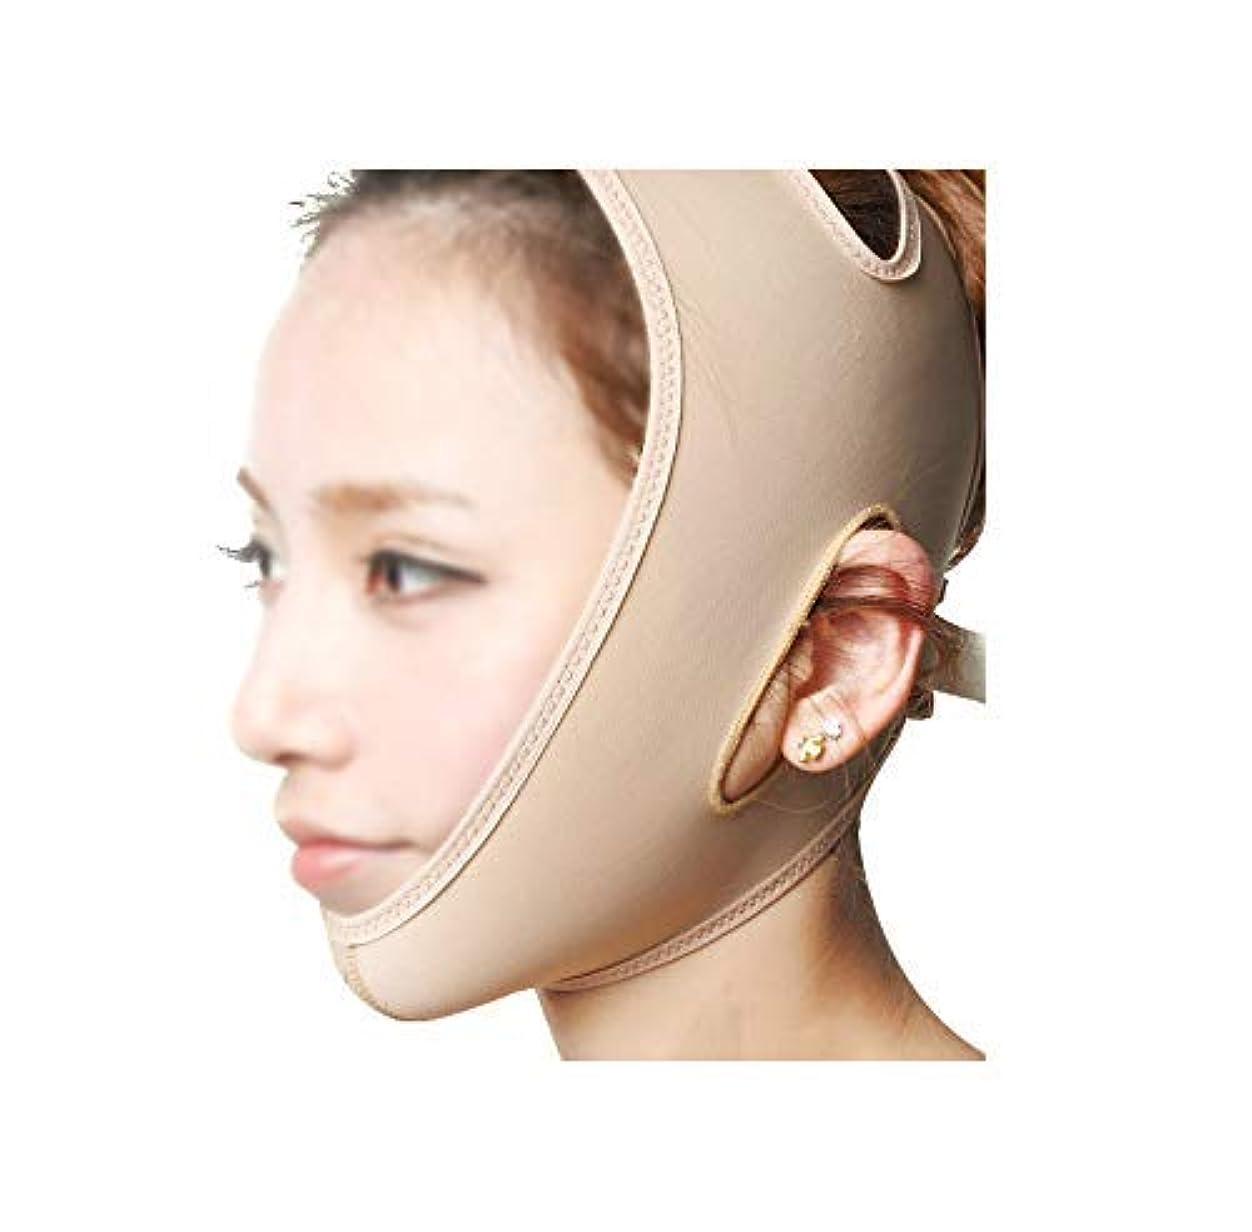 内向き純粋なうめき声フェイスリフティングバンデージVフェイスインスツルメントフェイスマスクアーティファクトフェイスリフティング引き締めフェイシャルマッサージ通気性肌のトーン(サイズ:xl),M